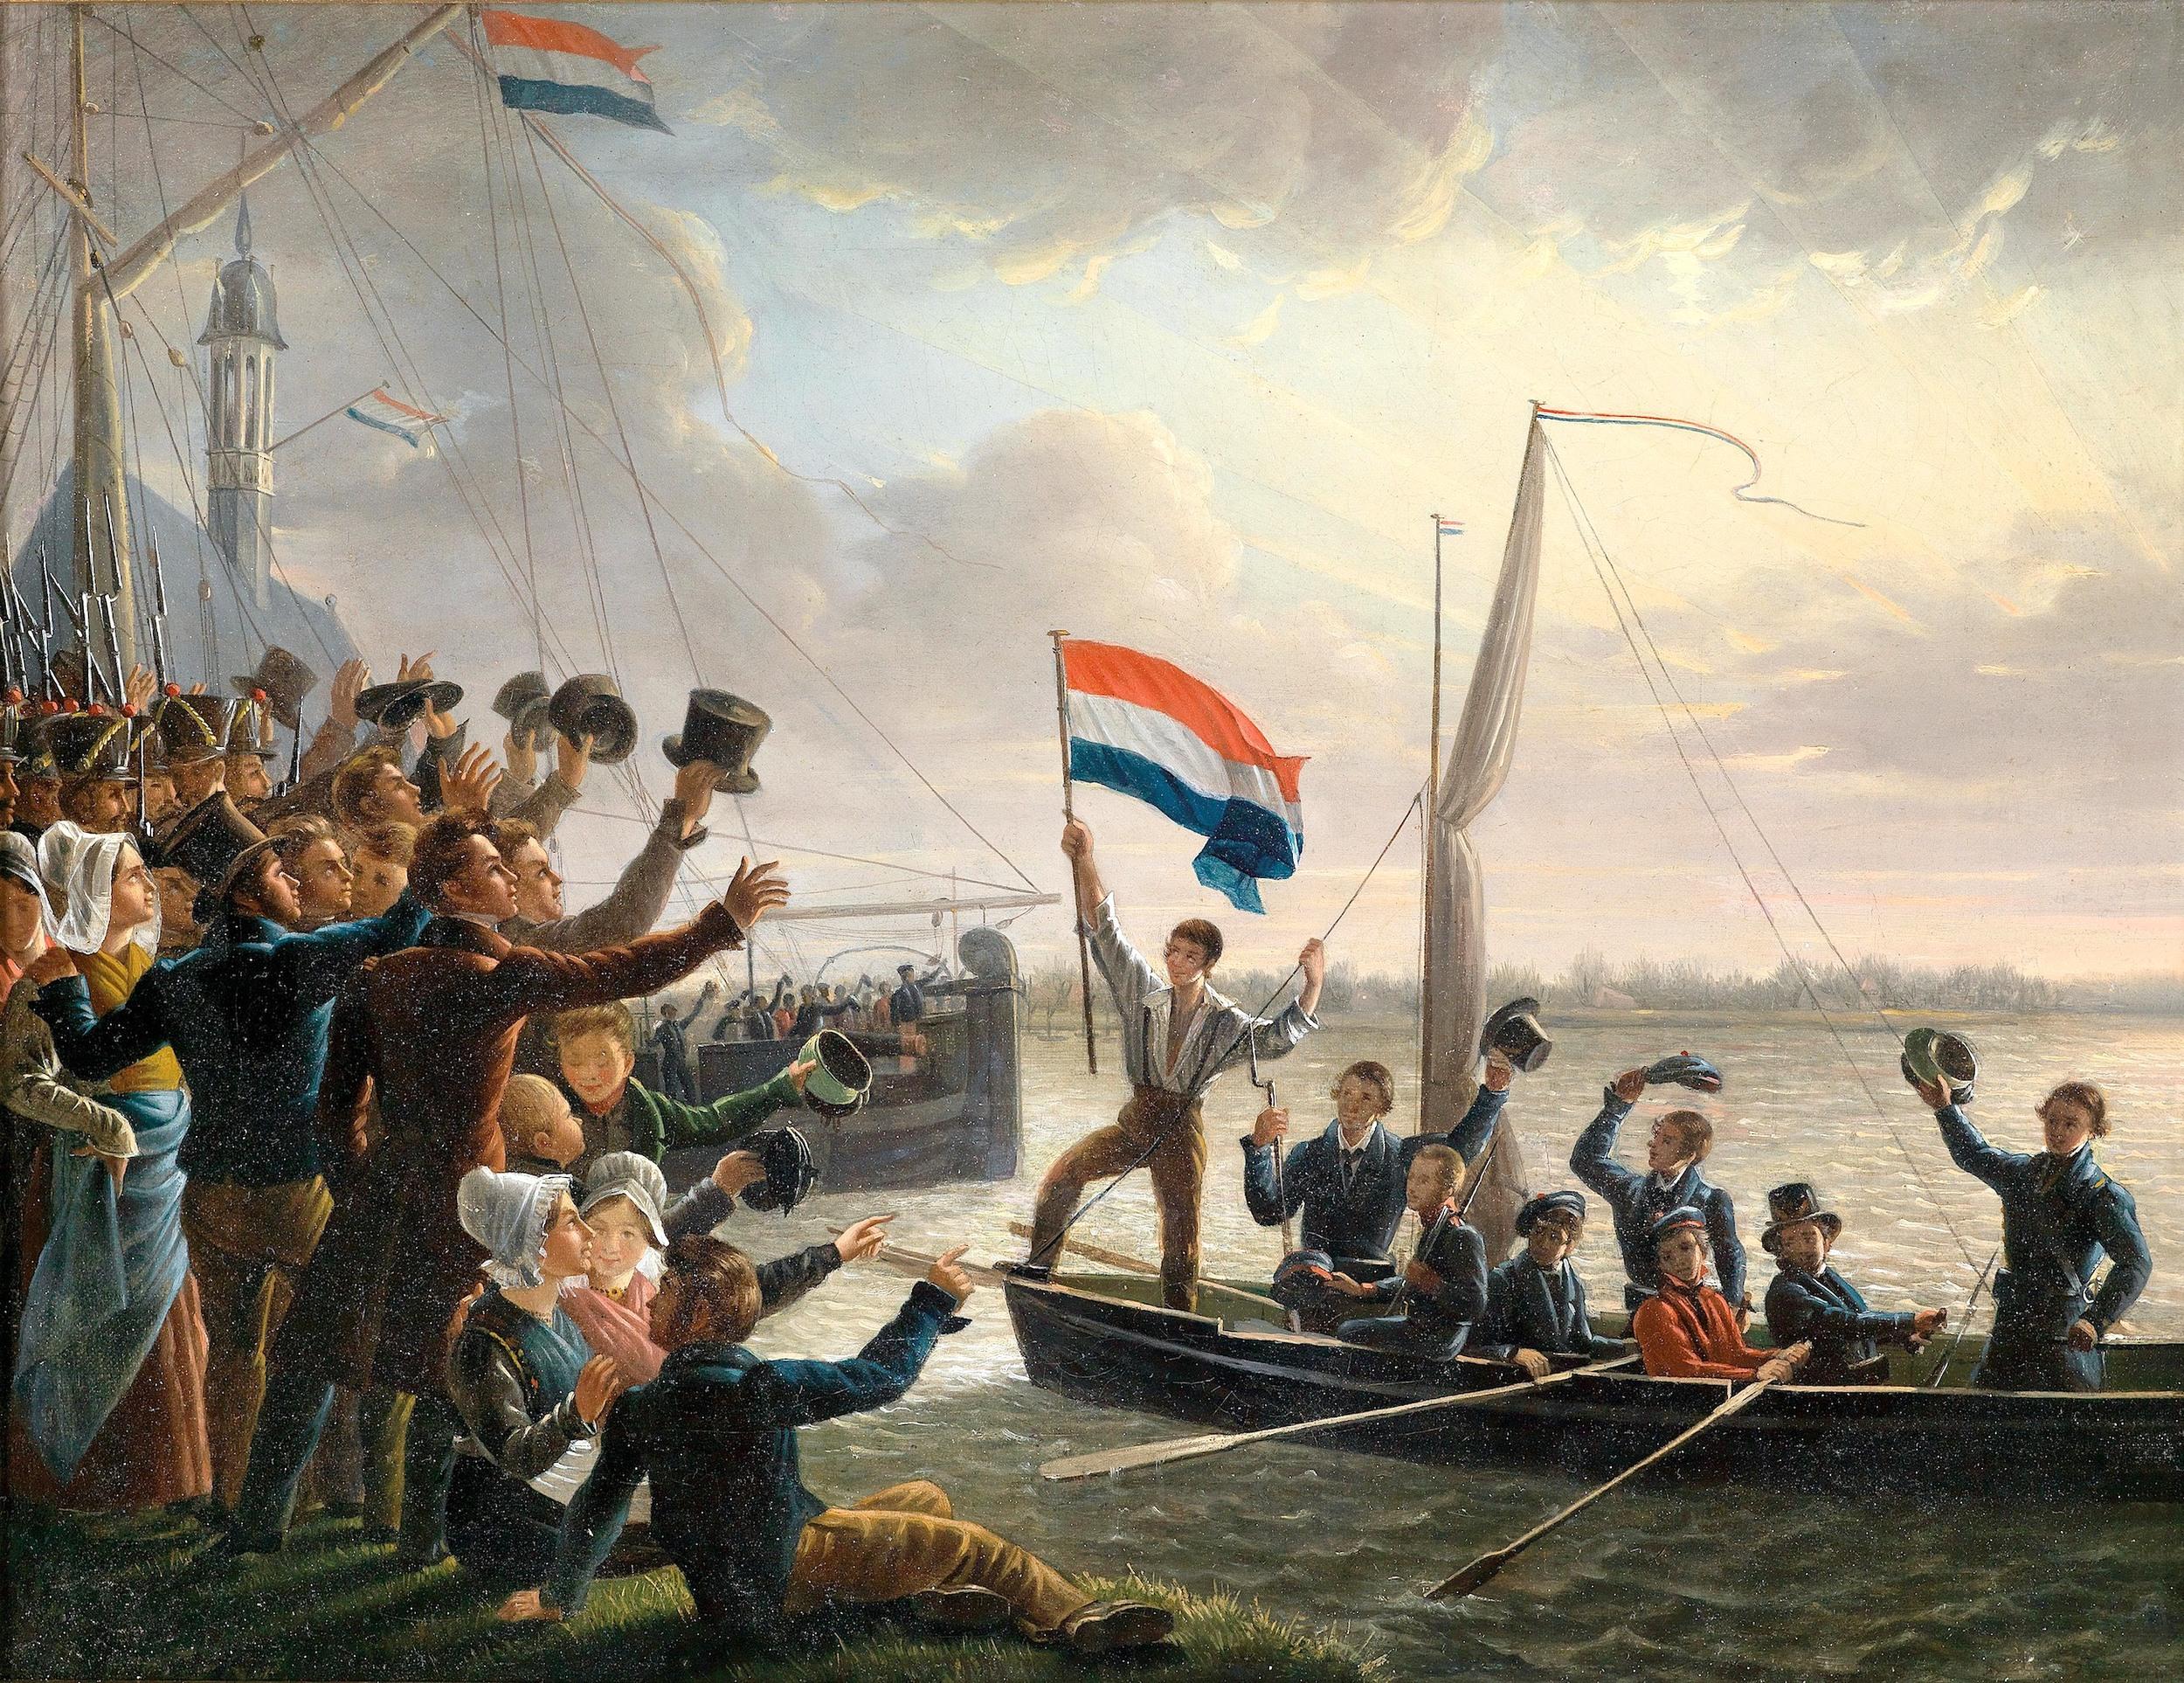 Dominicus Franciscus du Bois zugeschrieben  (1800–1849)  Die Rückkehr von Jacobus Hobein (1810–1888) am 19. März 1831  Öl auf Leinwand  29 x 37,5 cm, gerahmt  Jacobus Hobein, ein Matrose 2. Klasse, hat am 19. März 1831 unter starkem feindlichen Gewehrfeuer, die niederländische Flagge aus der Hand der Feinde gerettet und schwimmend wieder an Bord des Kanonenbootes gebracht.  Vergleiche: Die Rückkehr von Jacobus Hobein am 19. März 1831, im Marinemuseum (Scheepvaartmuseum), Amsterdam, Inv. Nr. A0112/2.